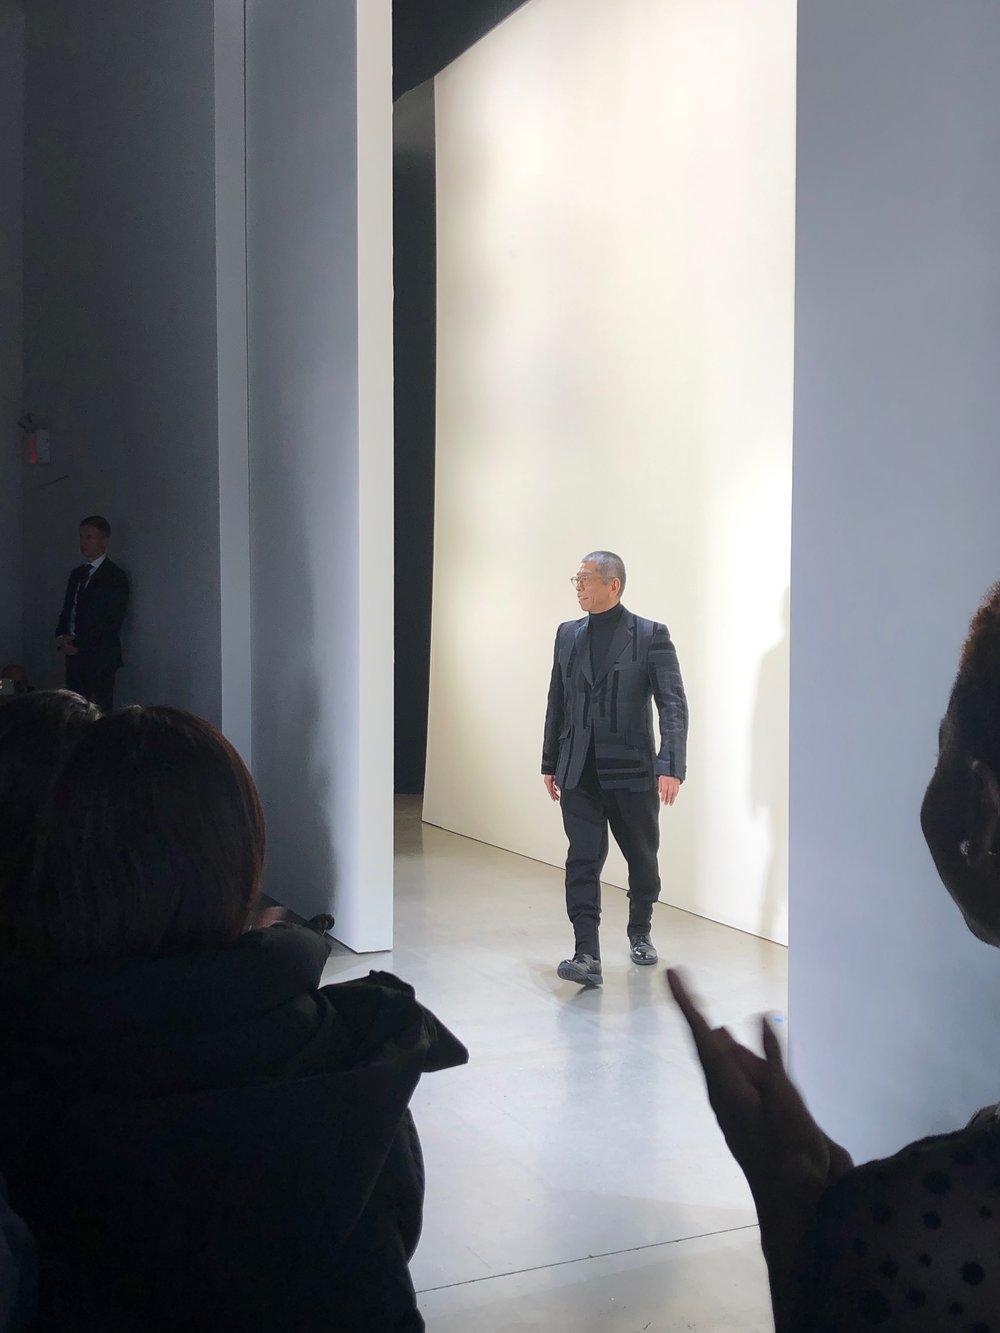 Tadashi Shoji - Pictured is Tadashi Shoji at the Tadashi Shoji Show on February 7th, 2019